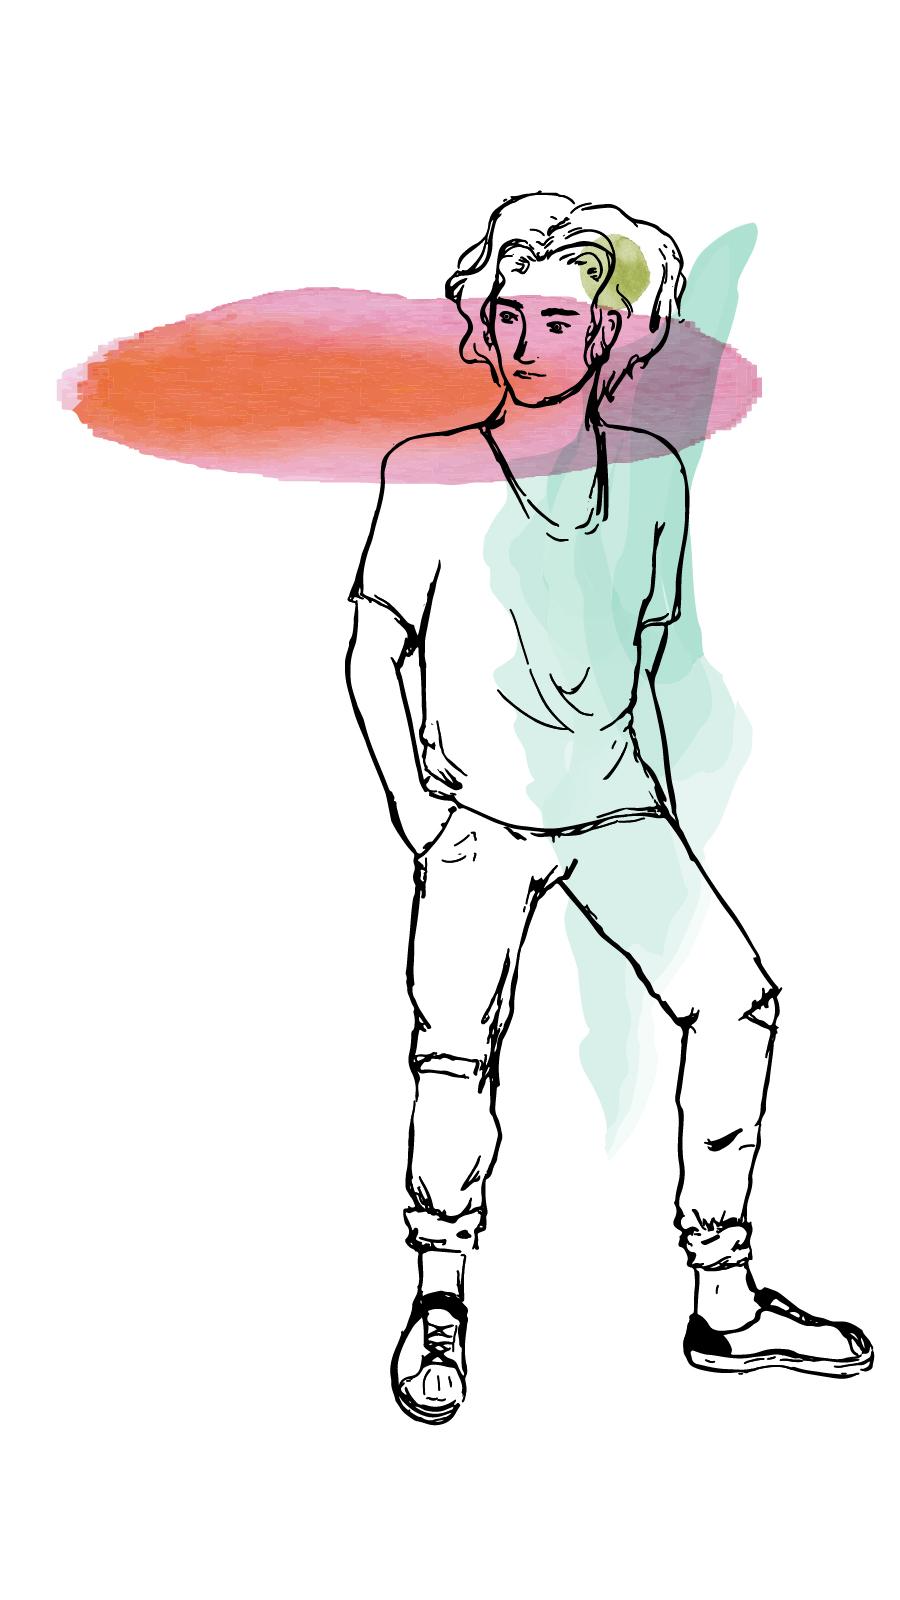 Illustrations Portfolio - Merissa Fernandez _Savage Boy.jpg